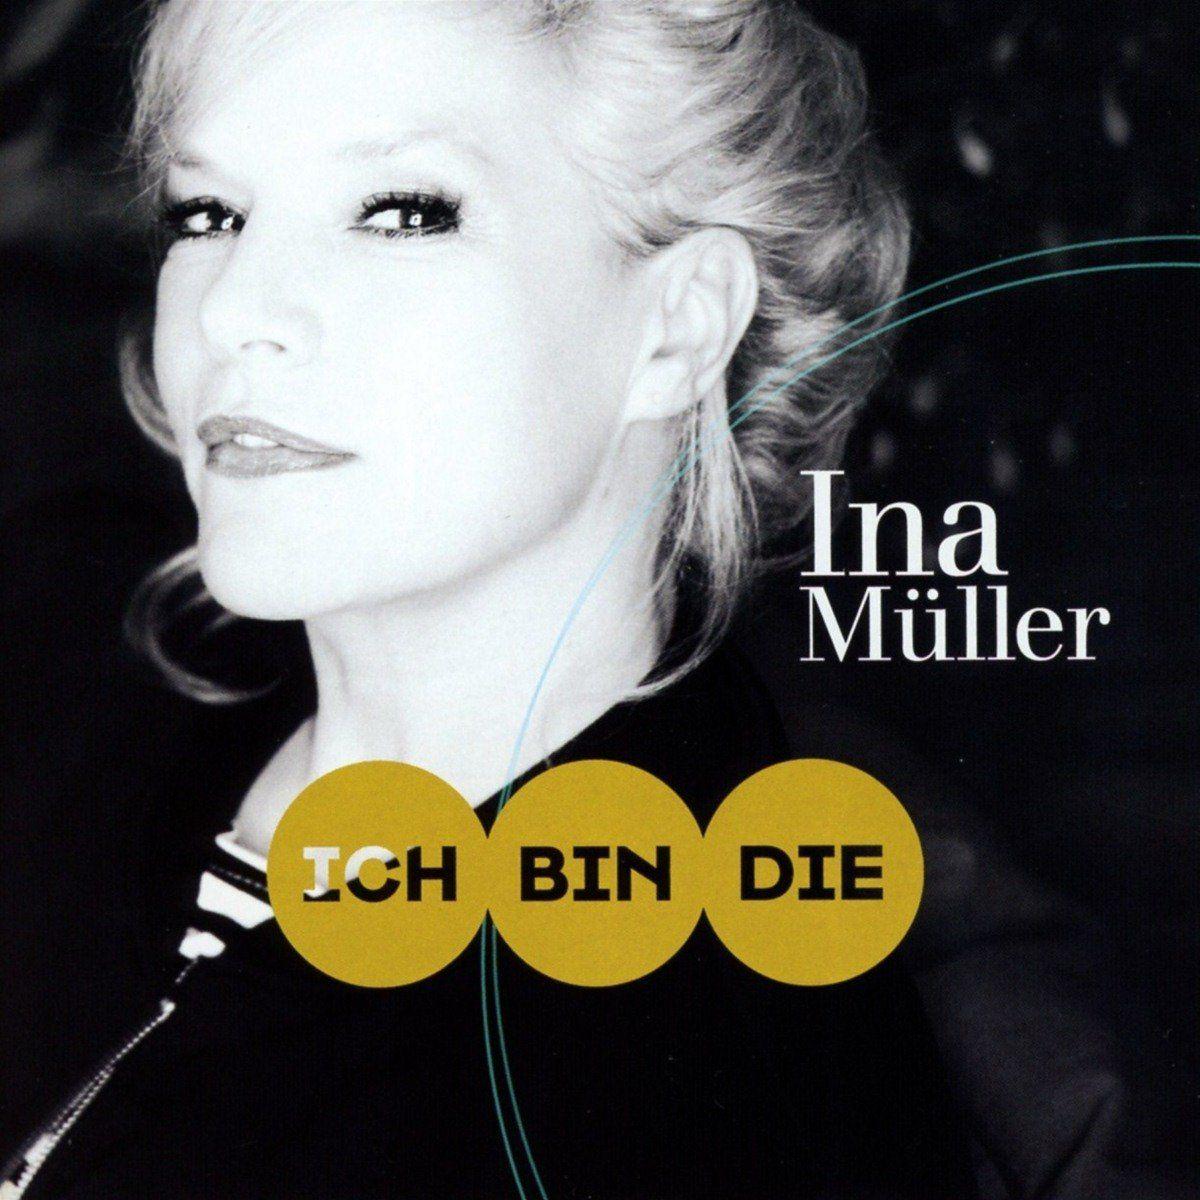 Ina Muller Ich Bin Die Download Stream Mit Bildern Ina Muller Musik Neue Alben